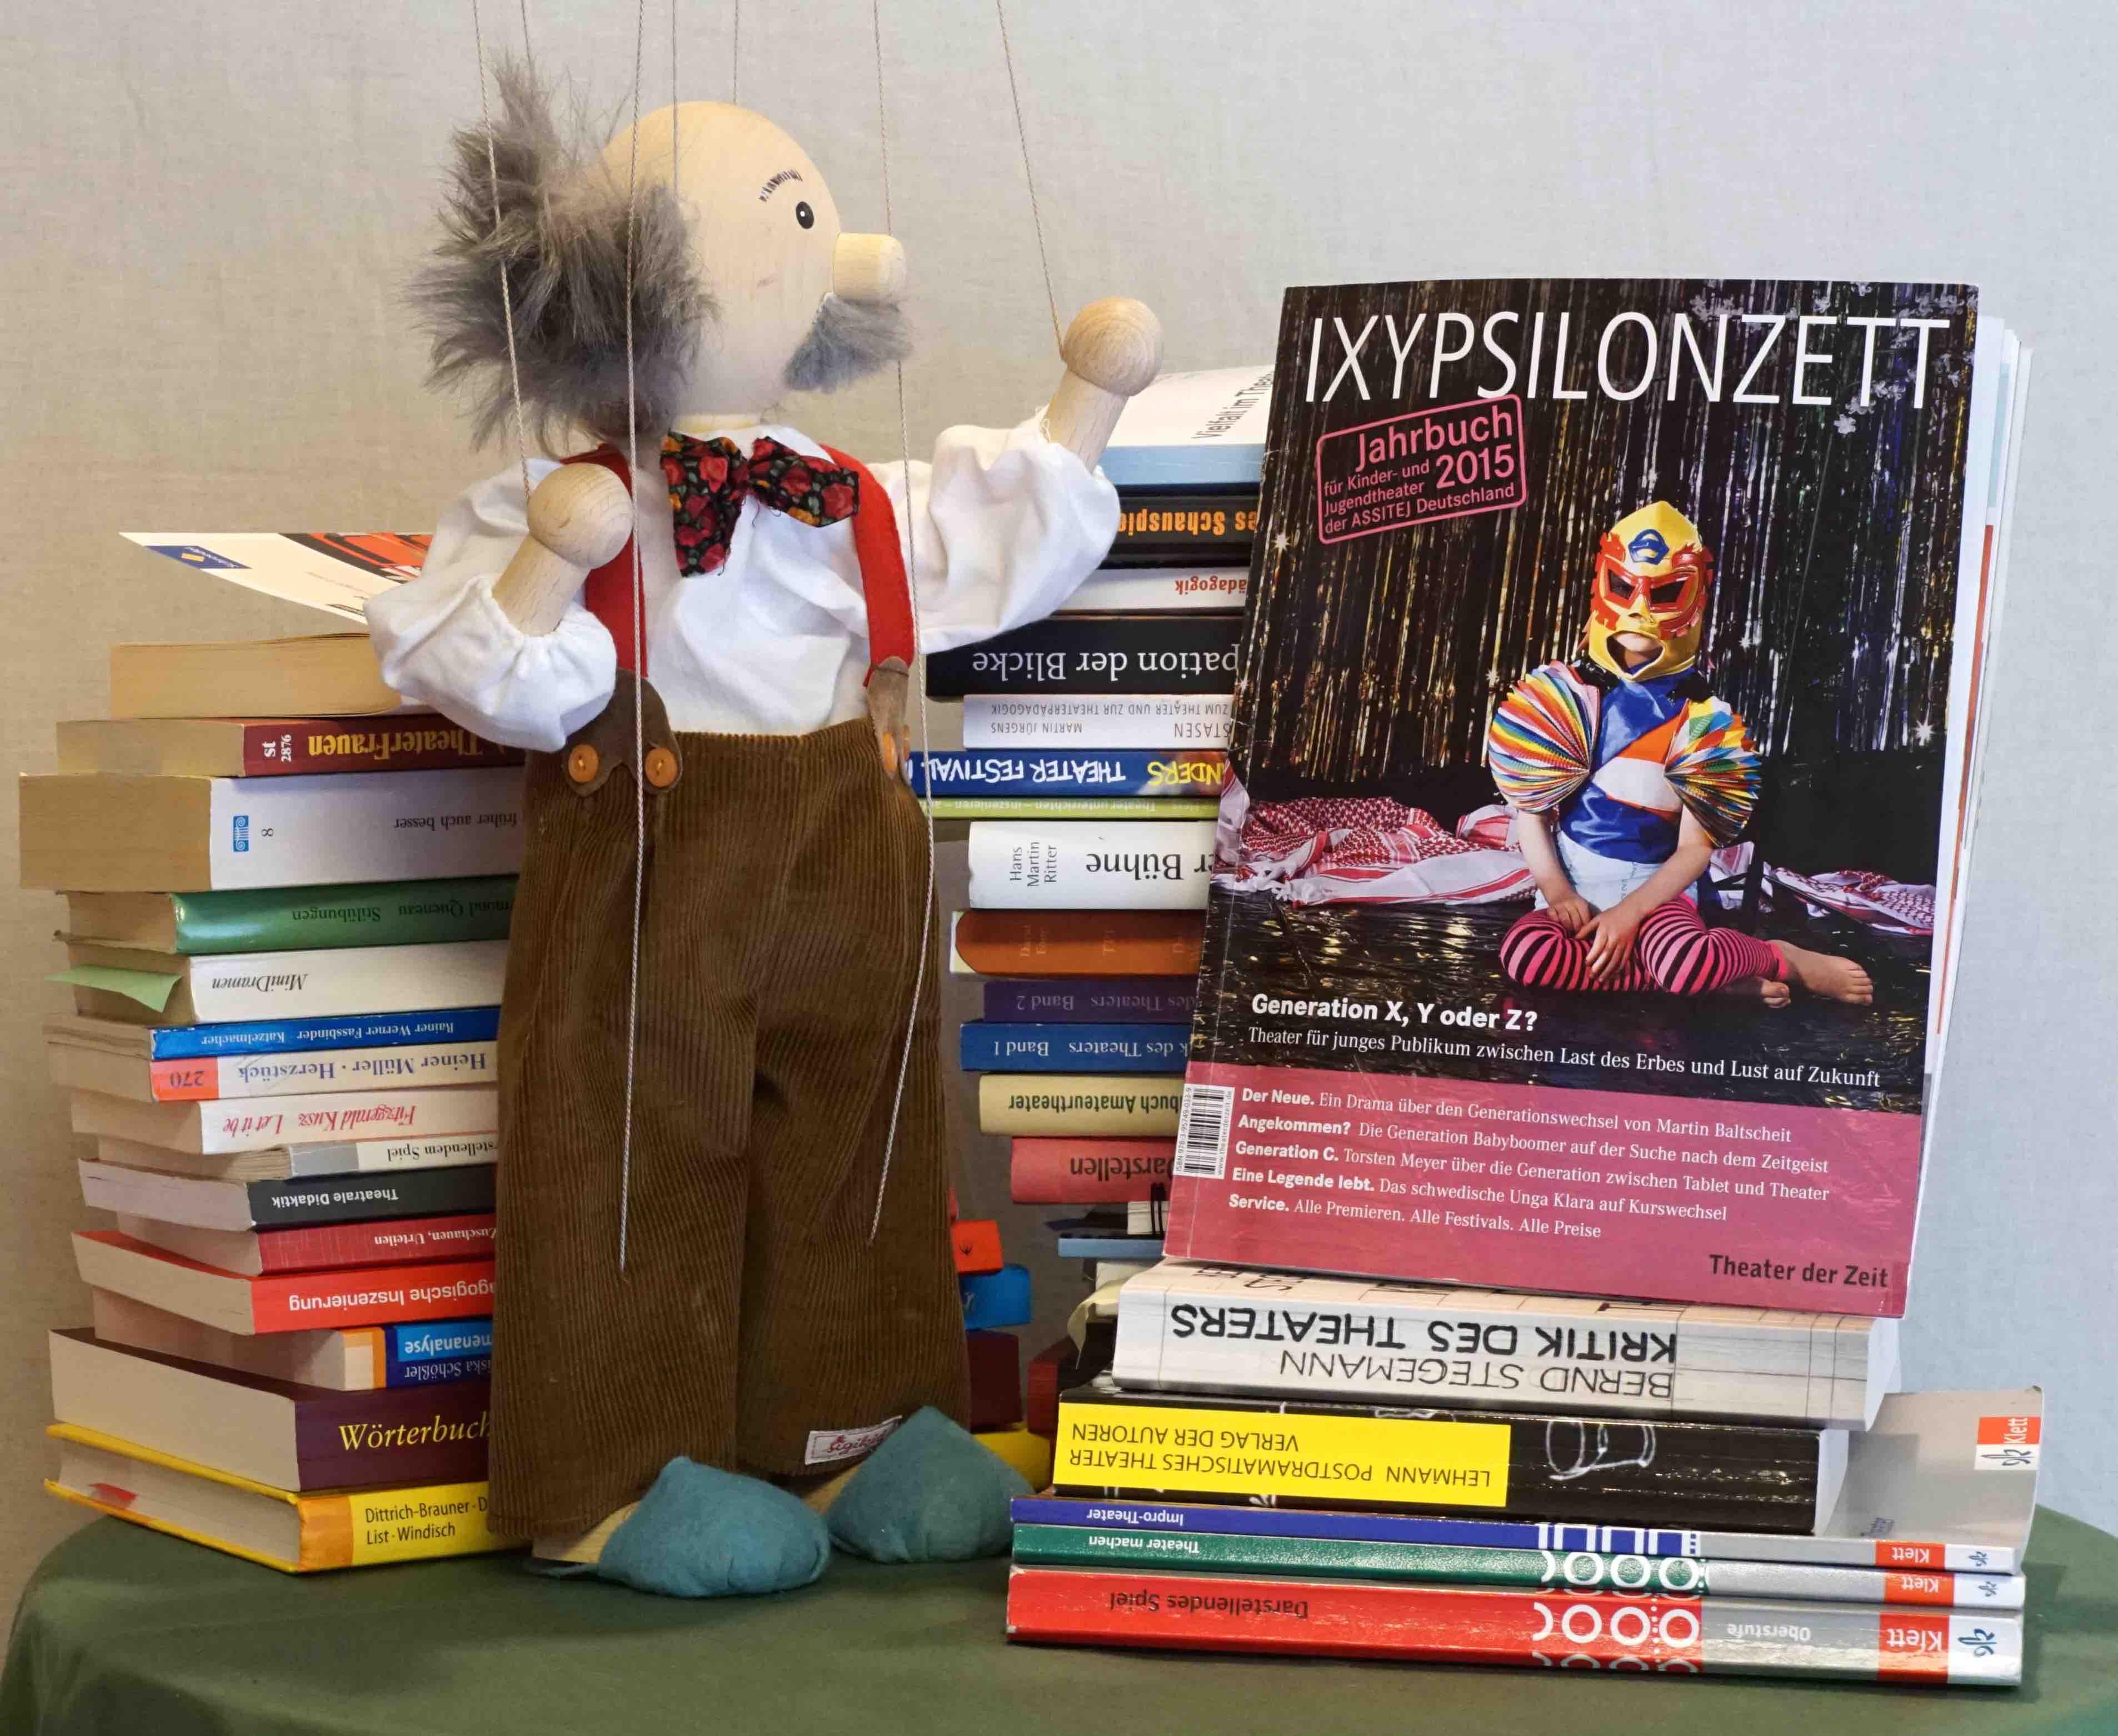 ASSITEJ (Hg): Jahrbuch 2015 für Kinder- und Jugendtheater